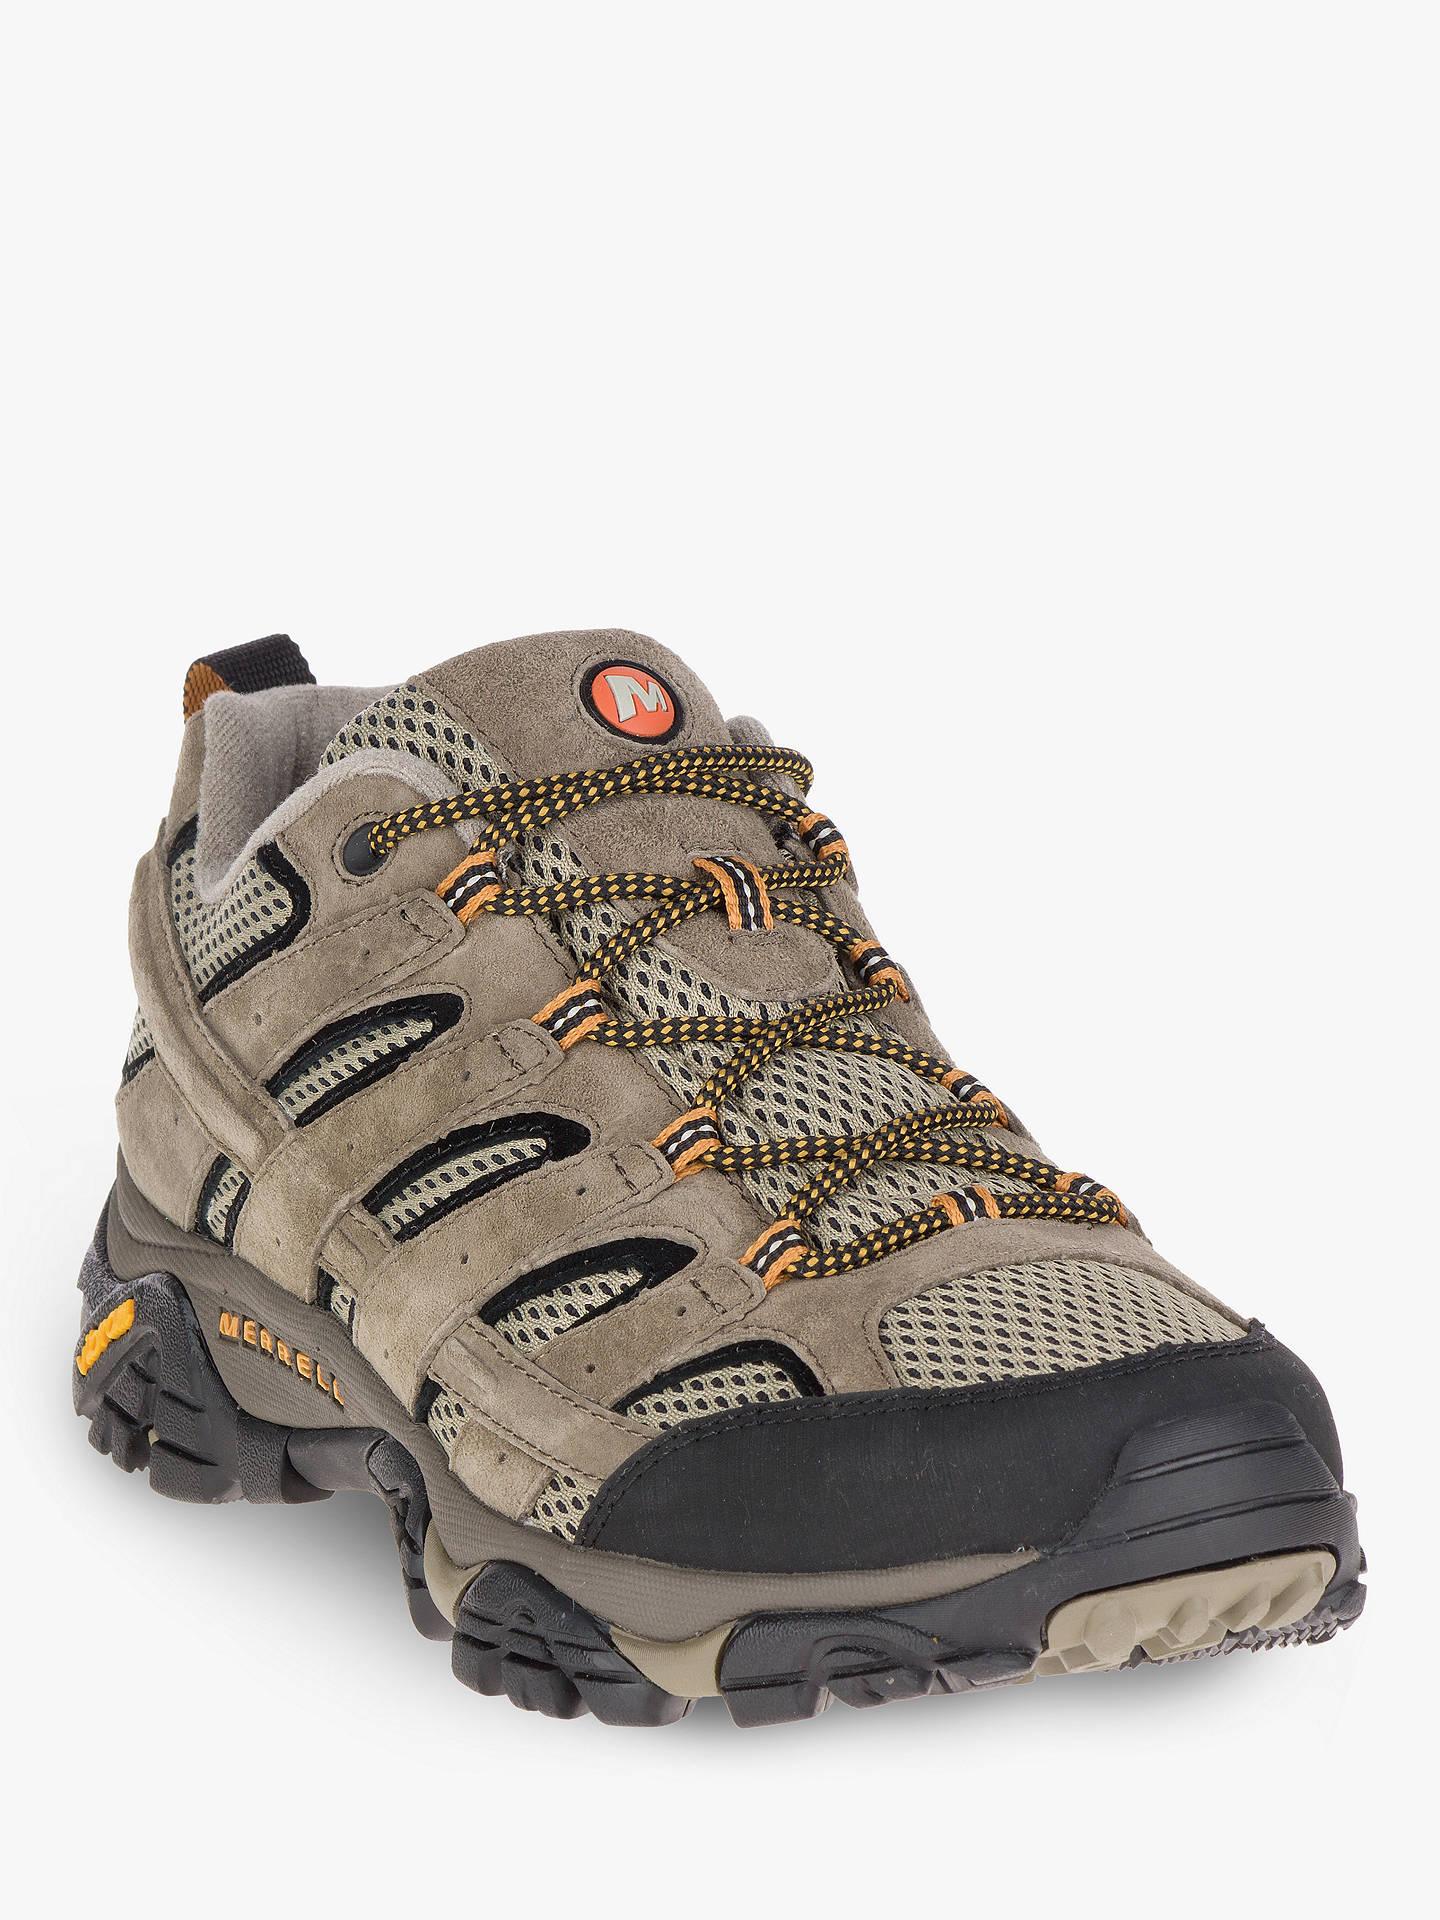 631270f581d Merrell Men's Moab Ventilator 2 Hiking Shoes, Pecan